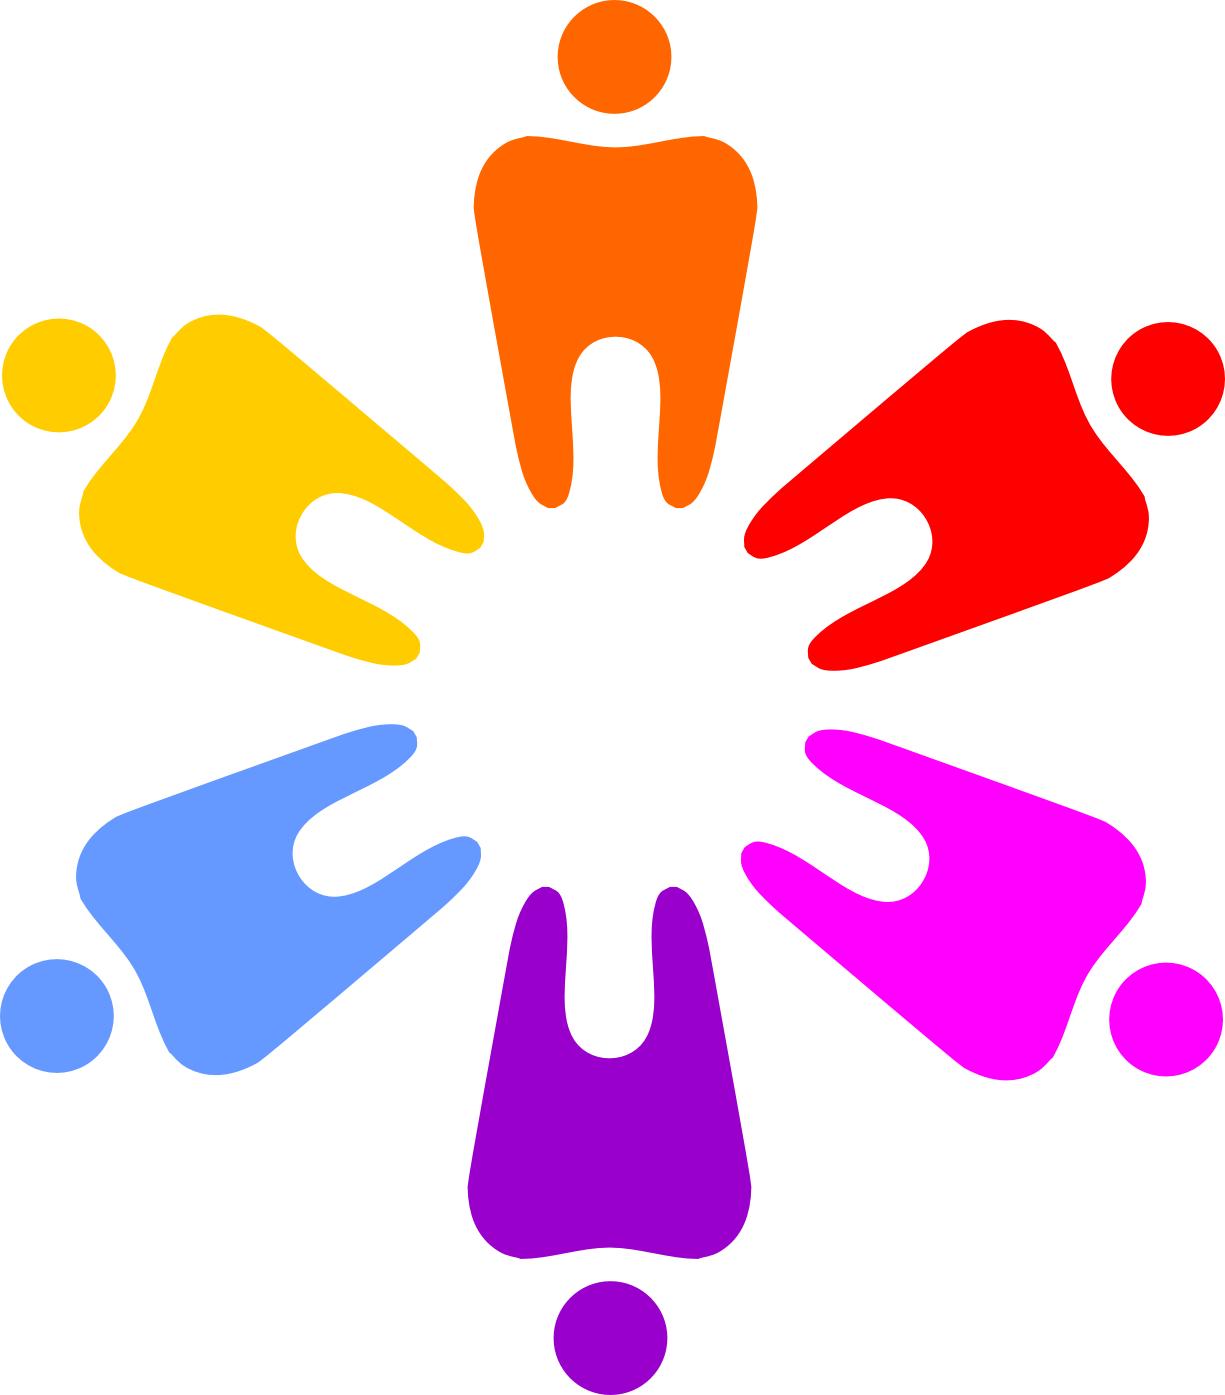 kusp_logo